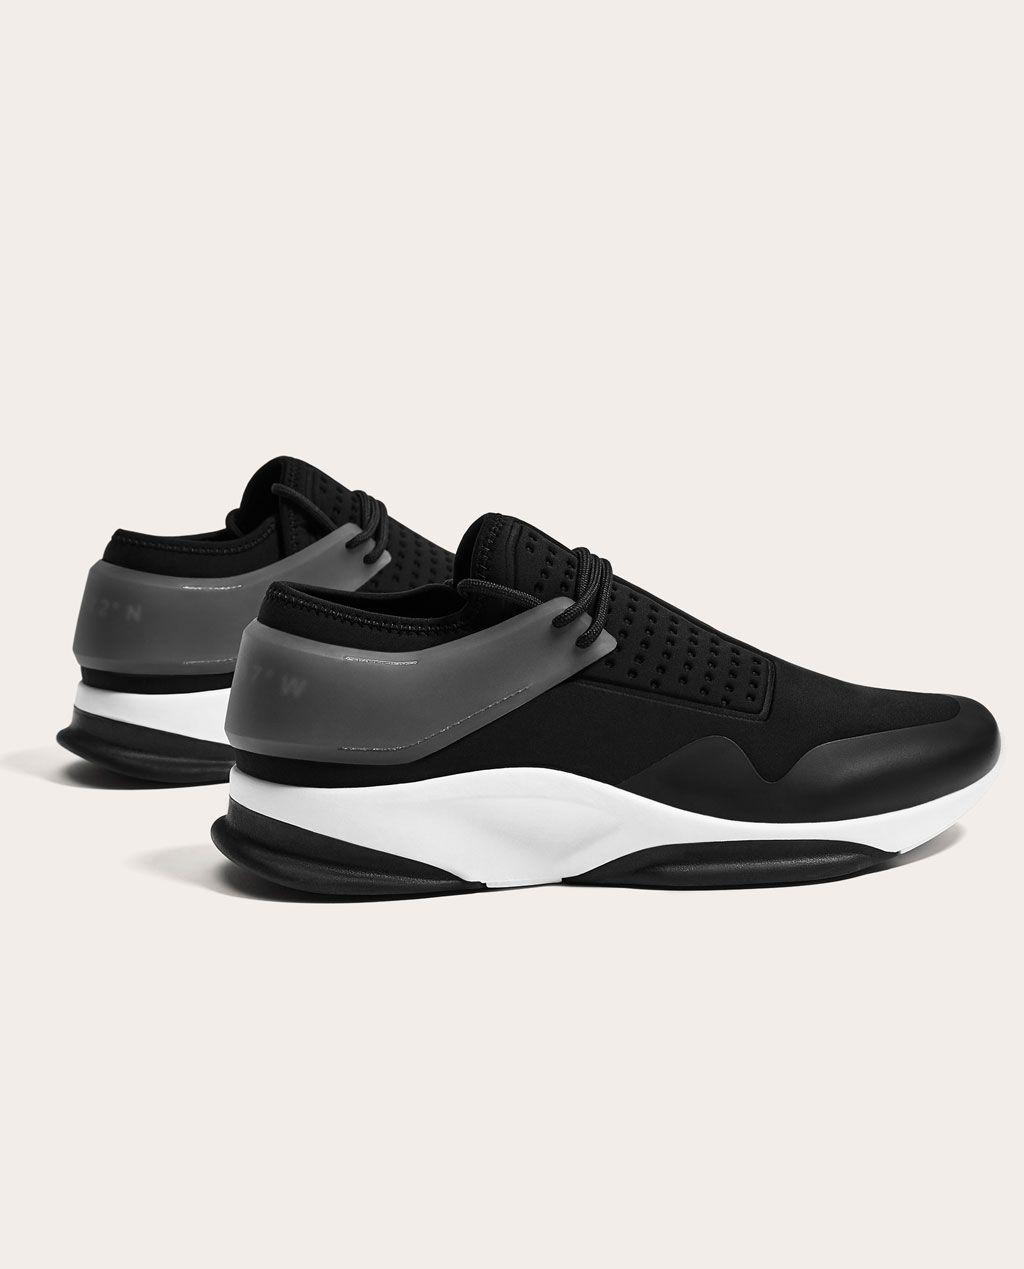 Image 1 De Tennis Noires De Zara Manner Turnschuhe Sneakers Mode Sneaker